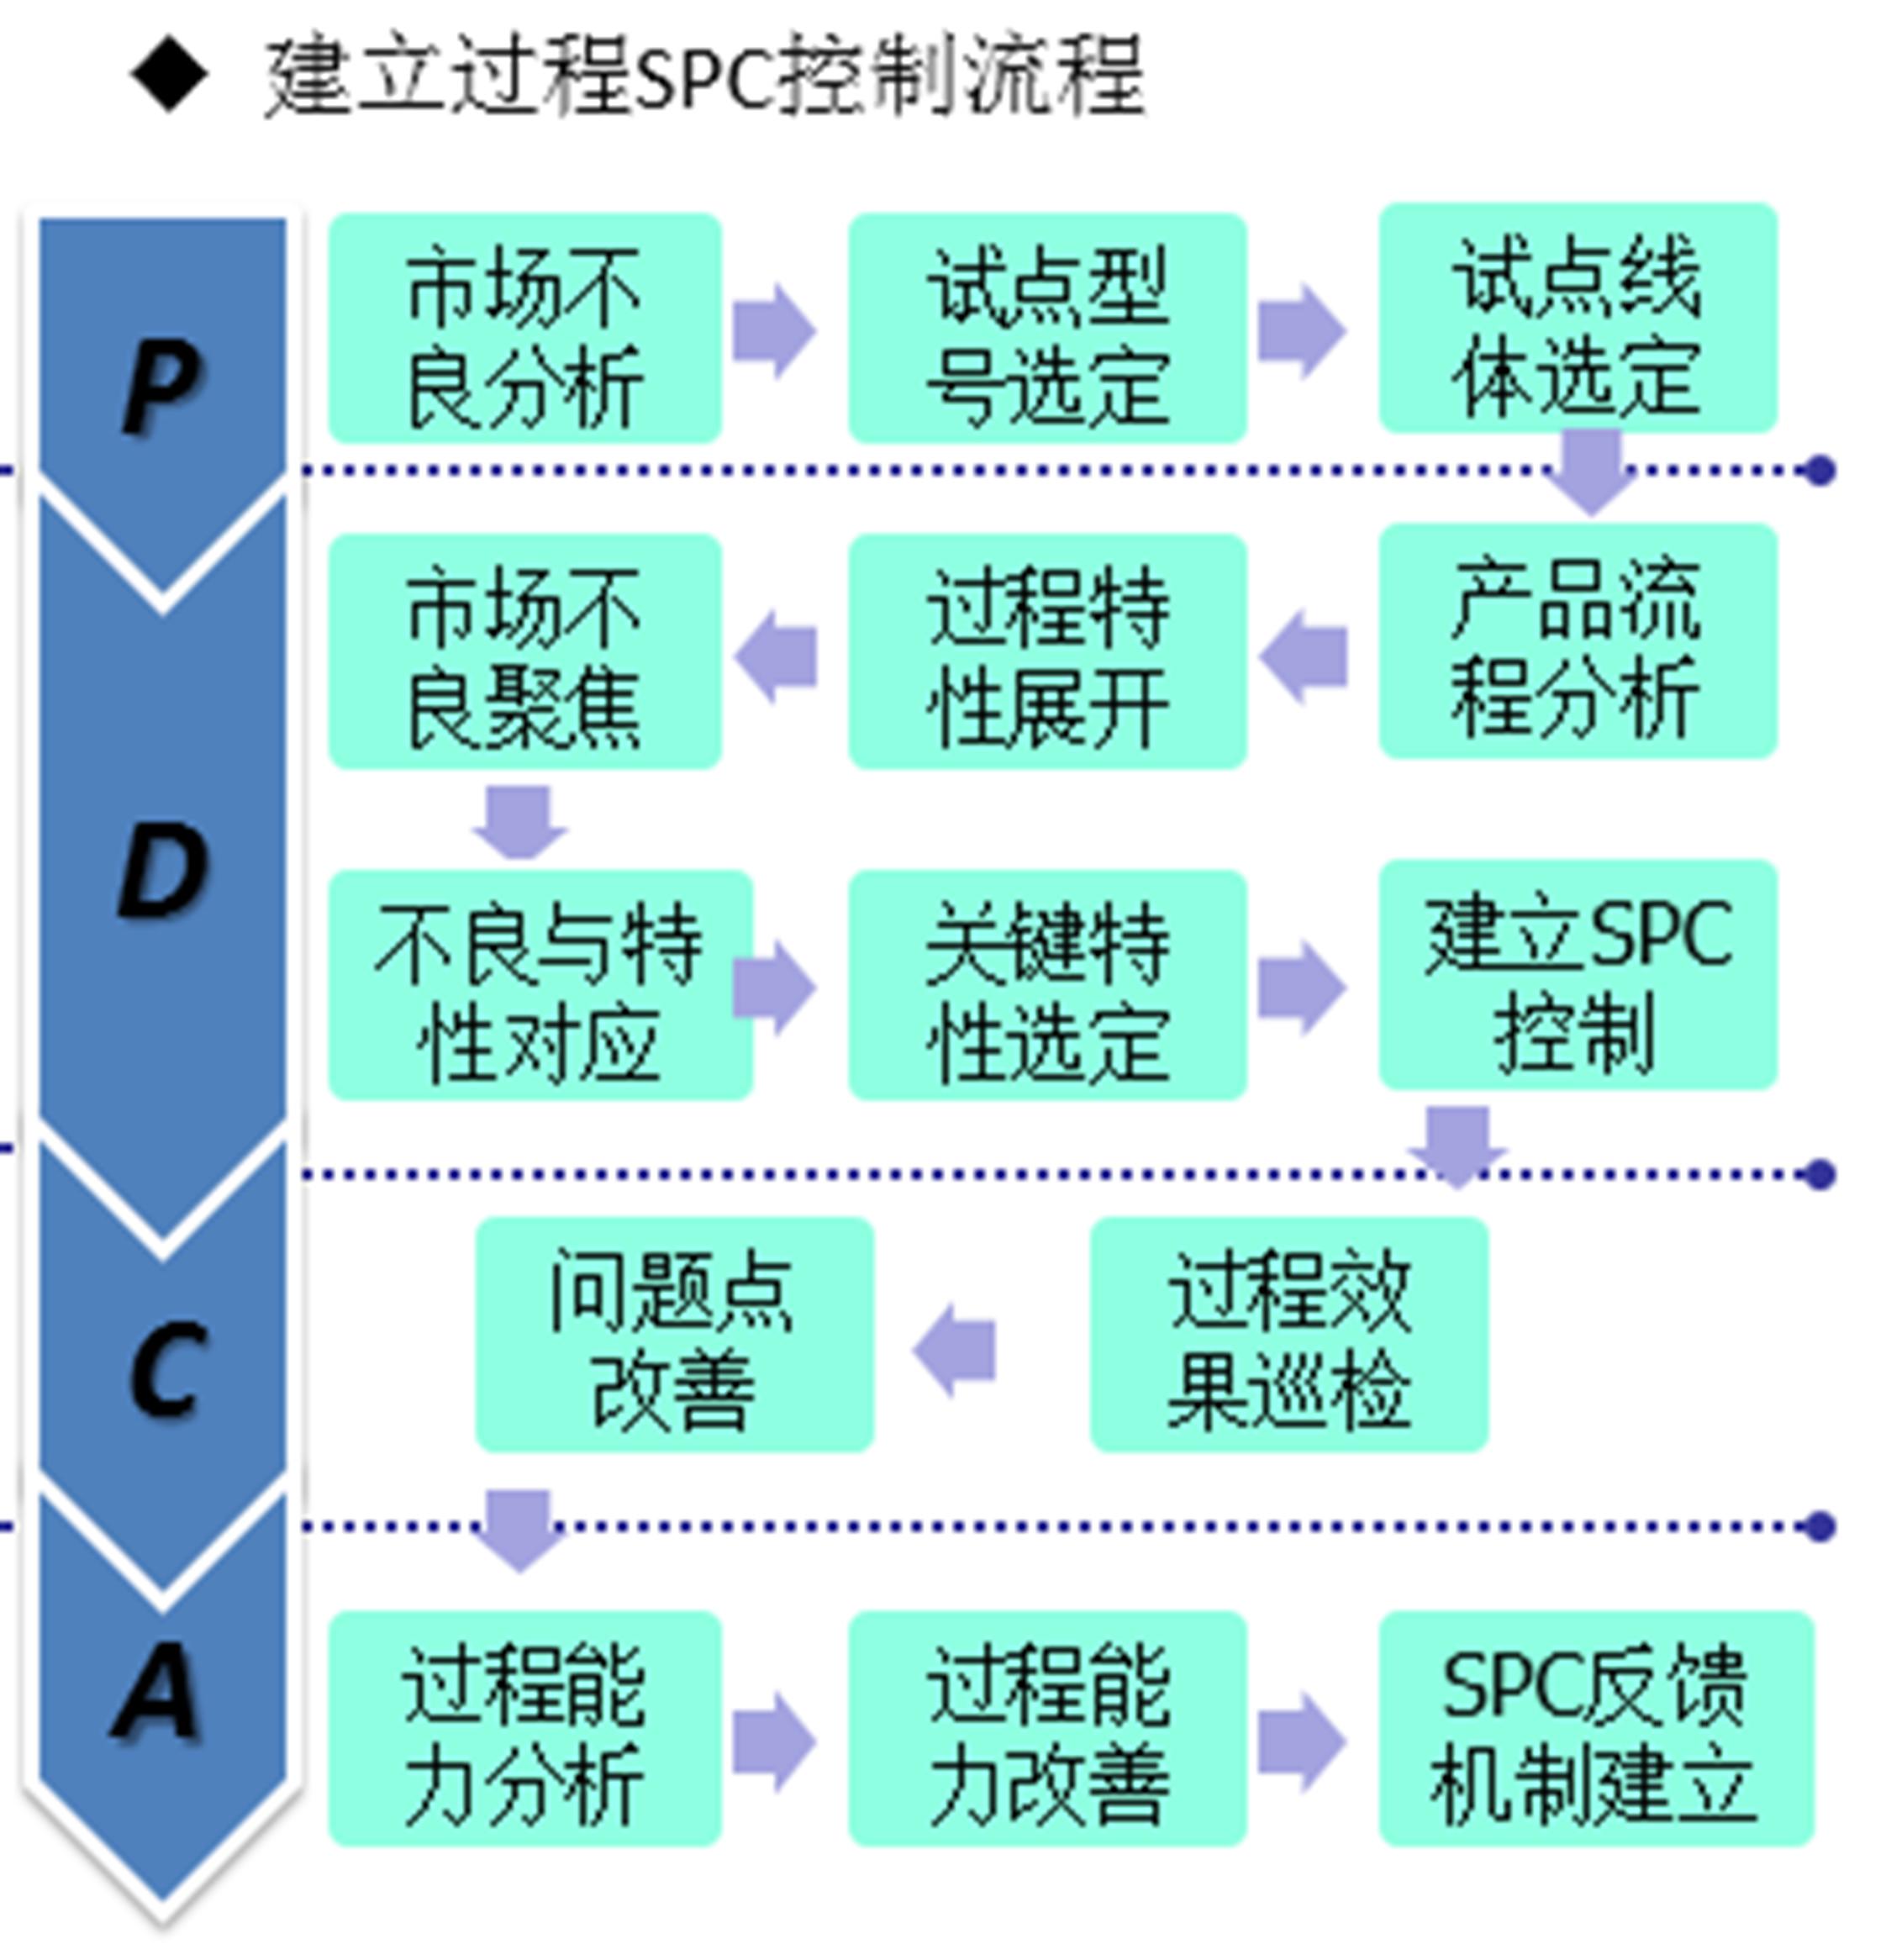 【原创好文】工厂管理实践——如何建立过程SPC控制?